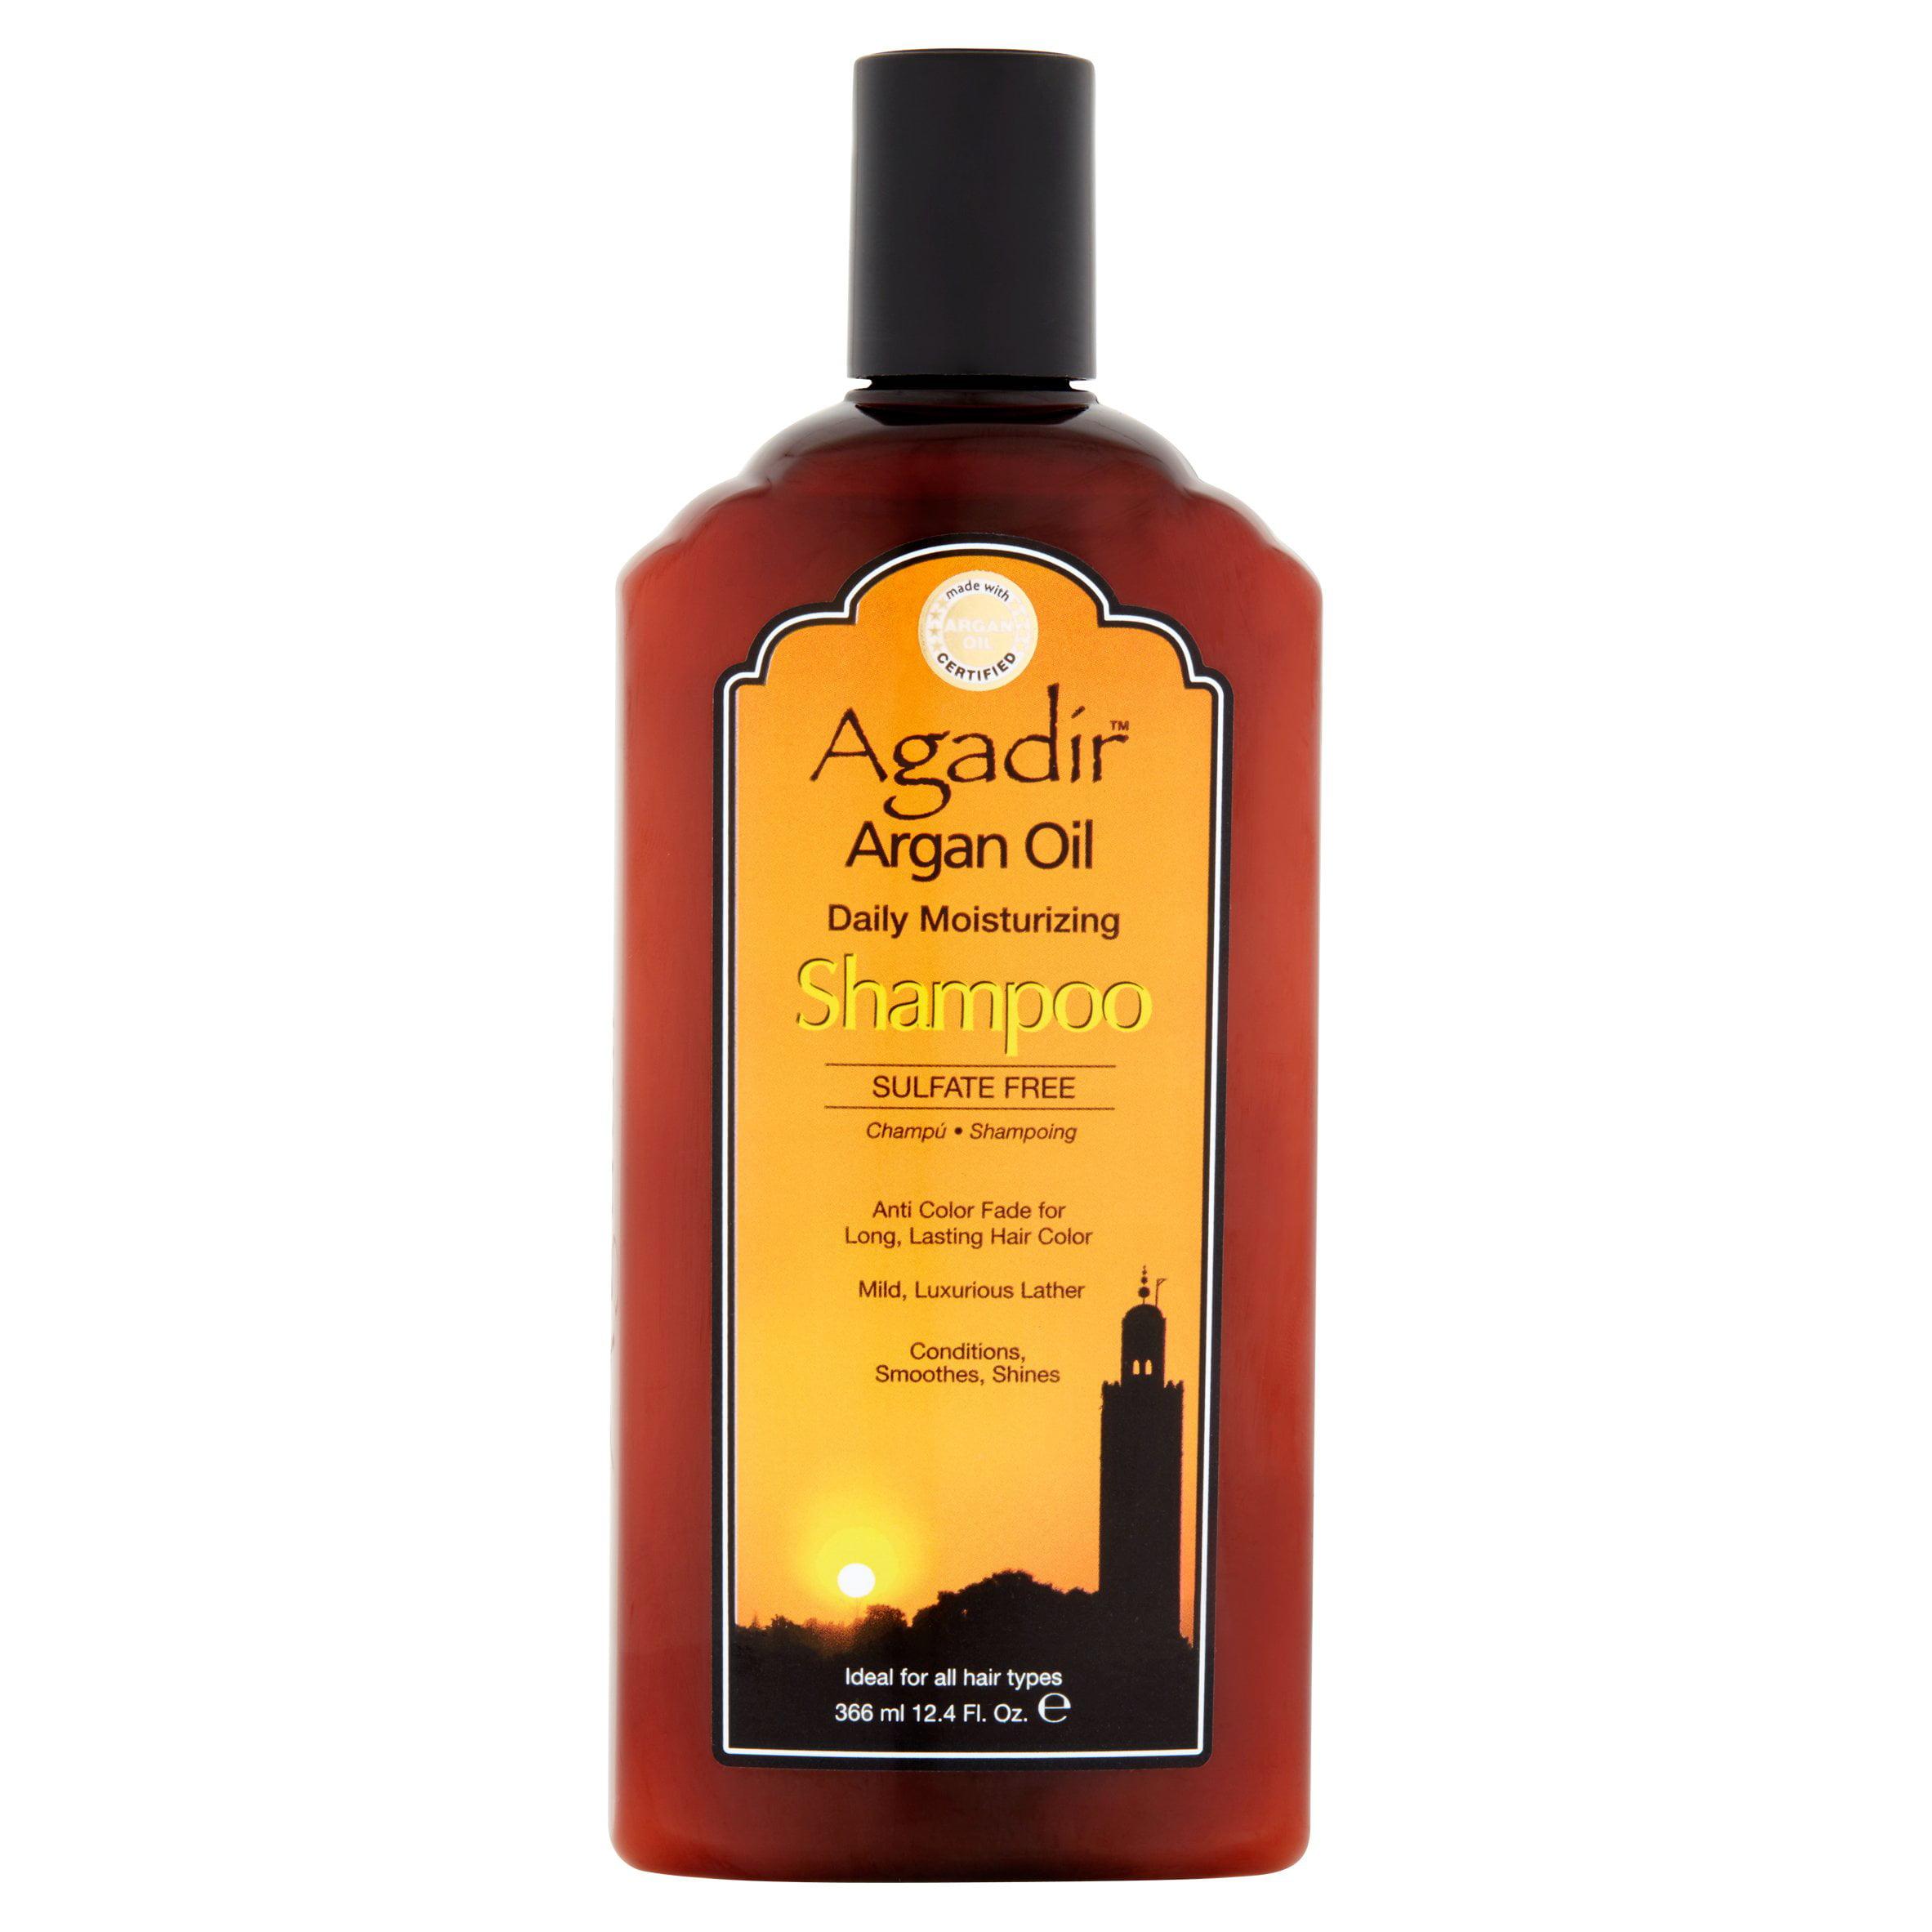 Image of Agadir Argan Oil Shampoo, 12.4 fl oz